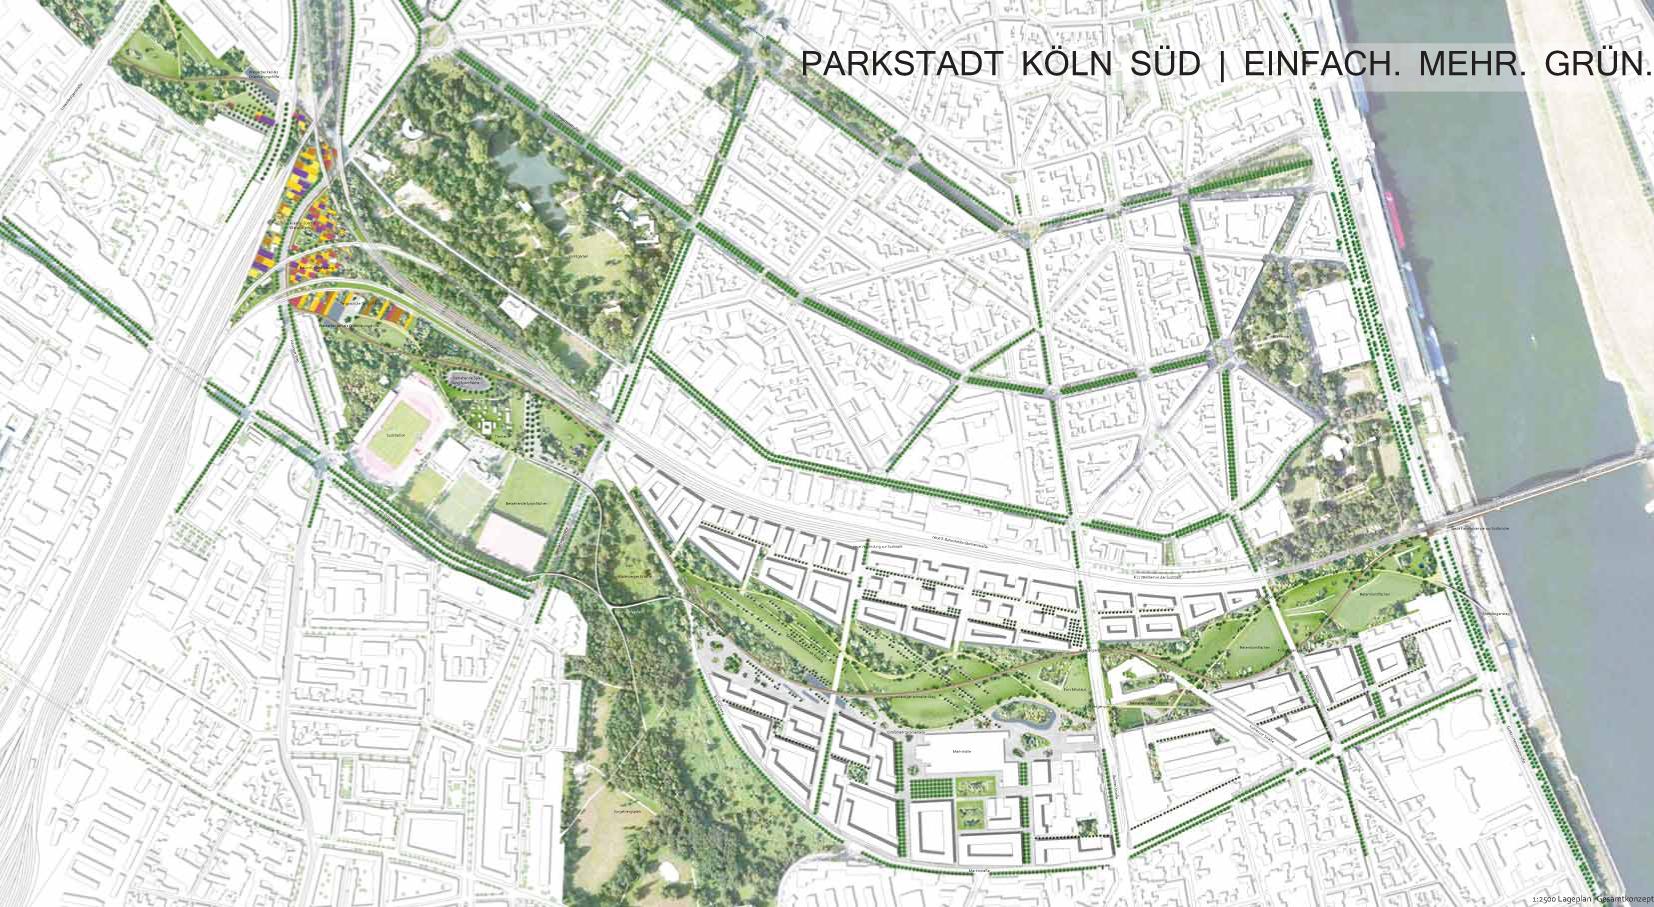 Parkstadt Süd Köln